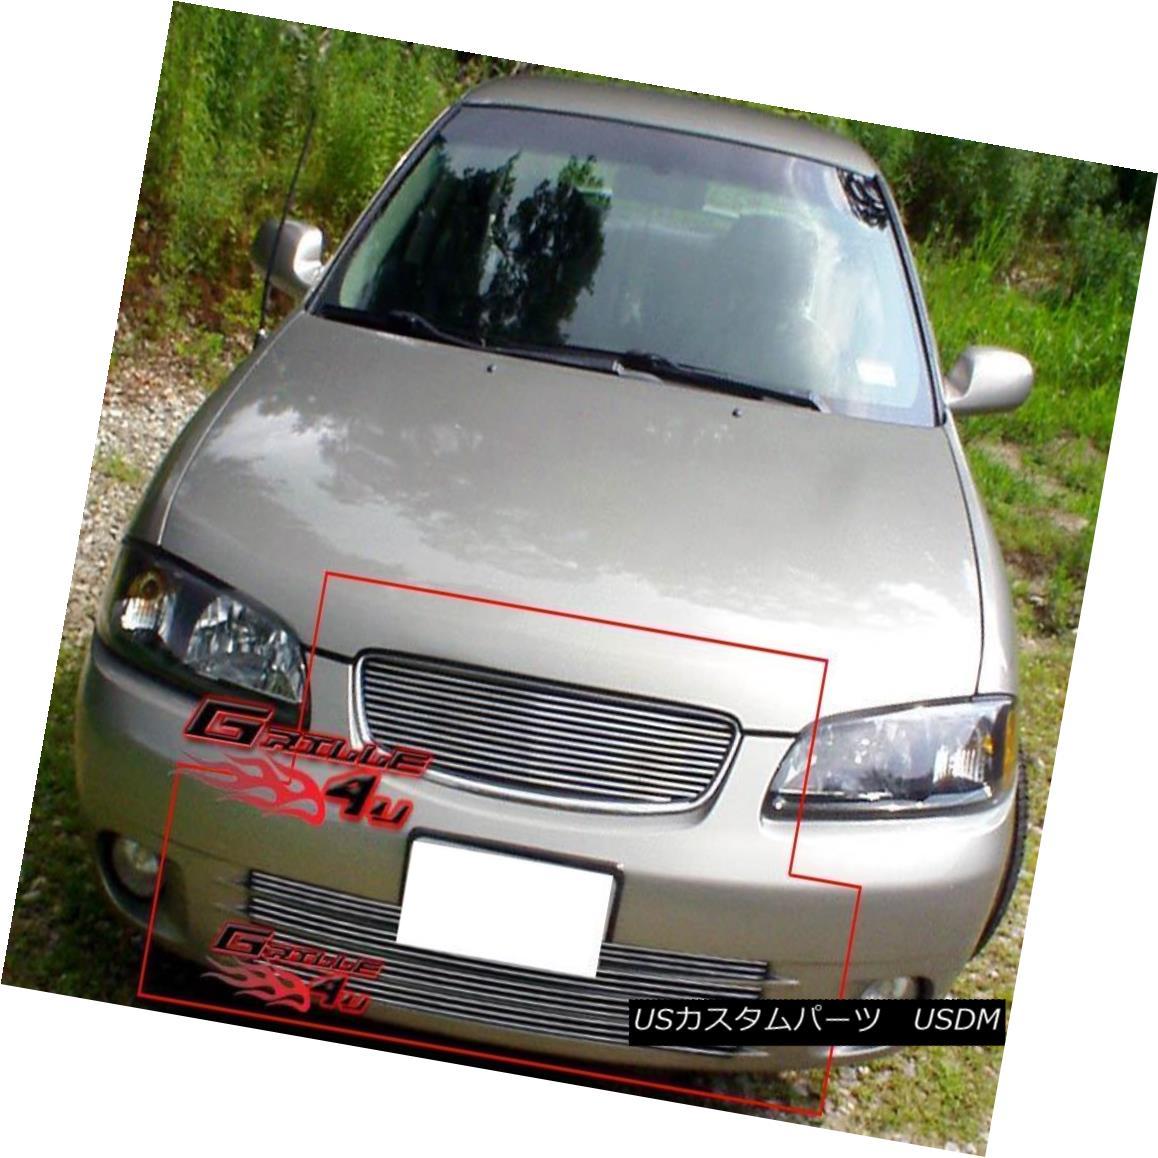 グリル Fits 2000-2003 Nissan Sentra Billet Grille Combo フィット2000-2003日産セントラビレットグリルコンボ